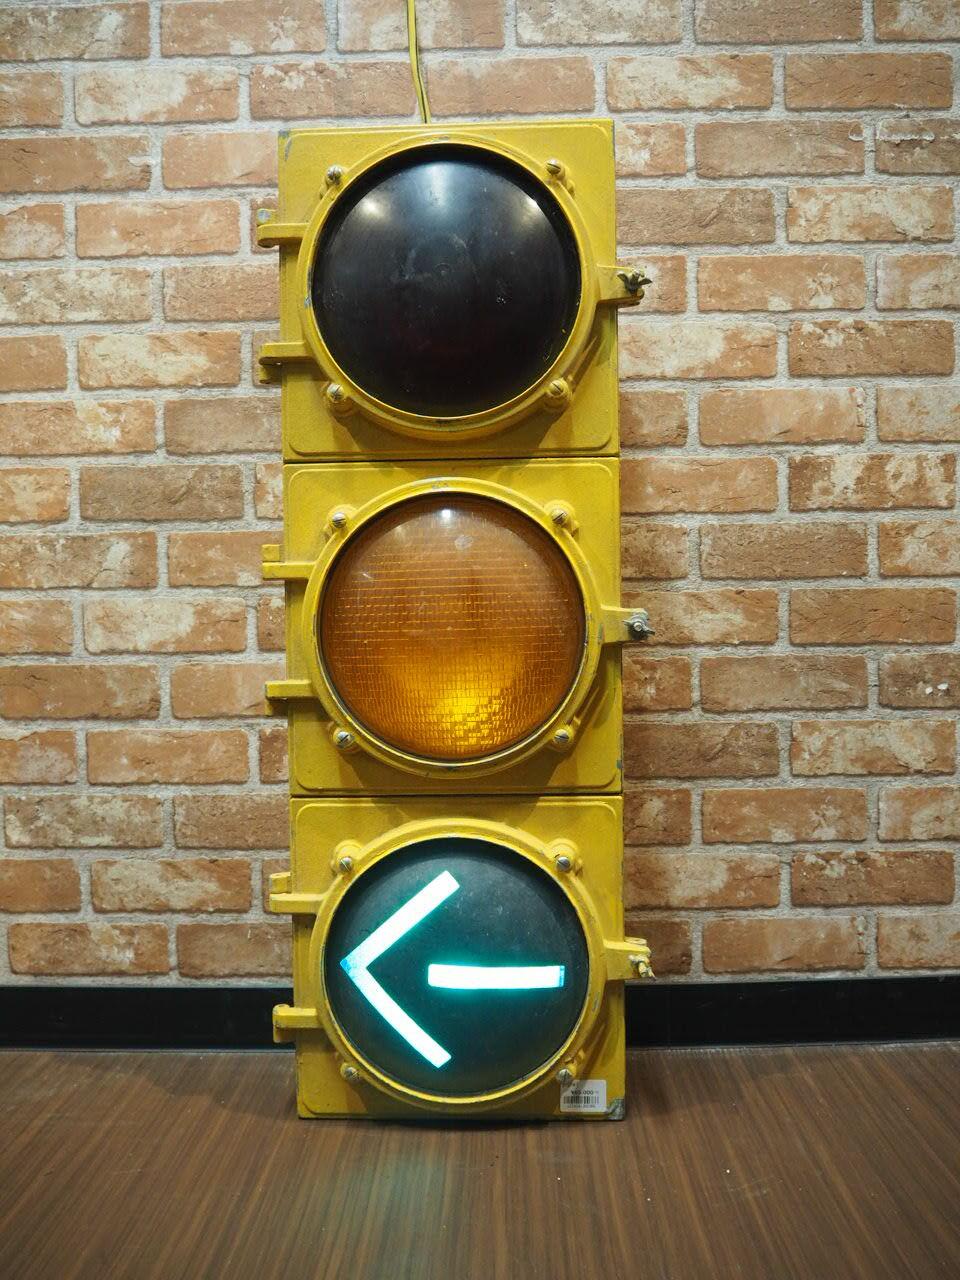 品番0386 信号機 / Signal 011